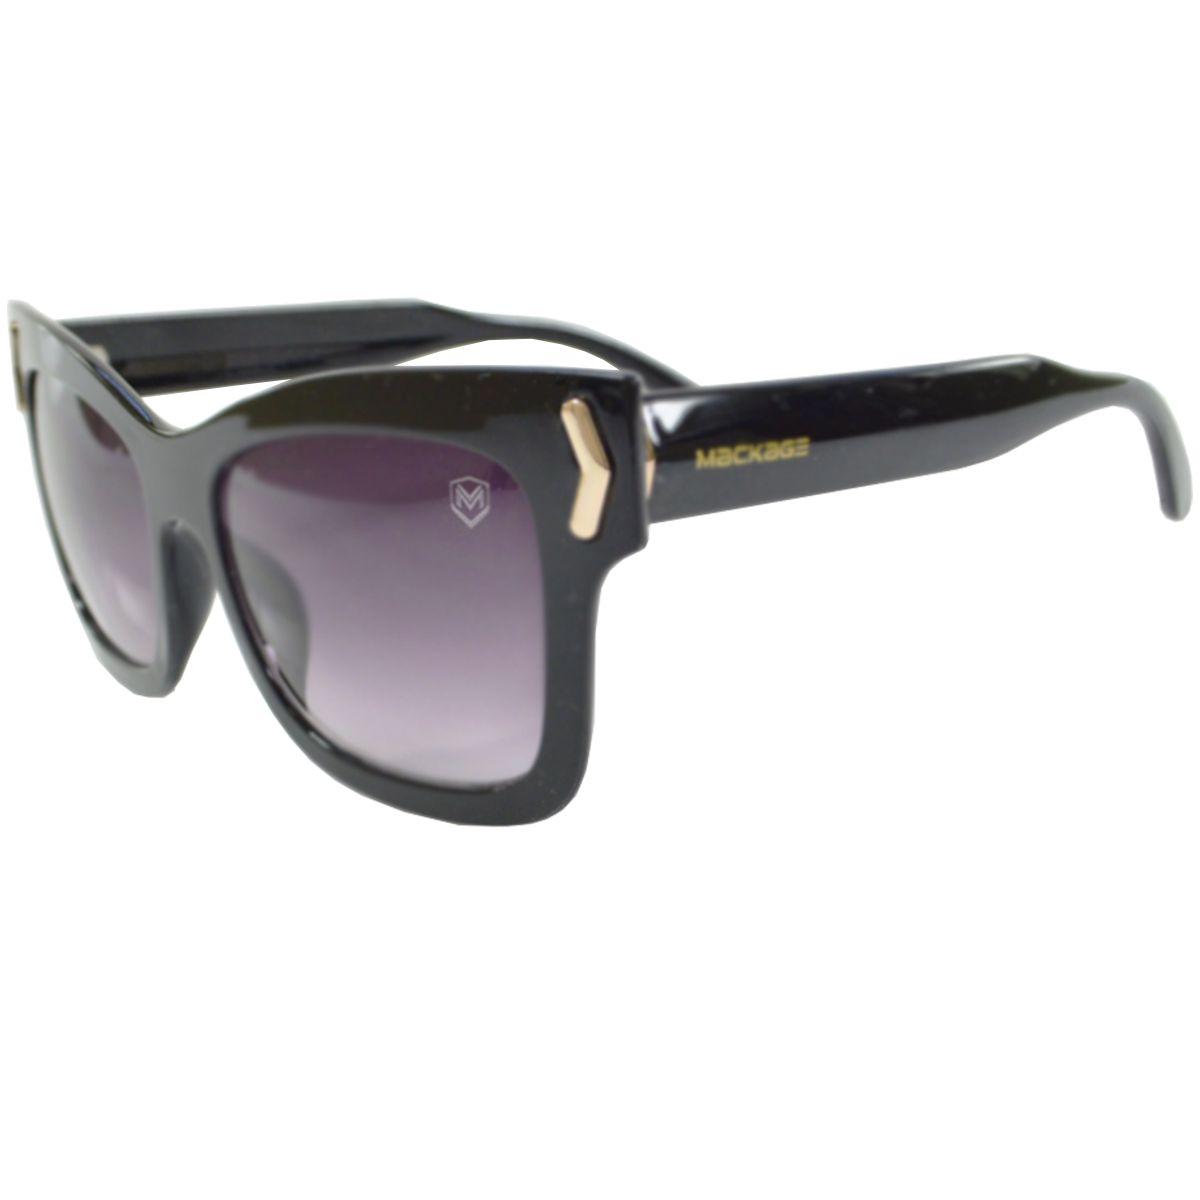 98de9f460 Óculos de sol MACKAGE BRASIL | Comprar Óculos de Sol Online é Aqui ...